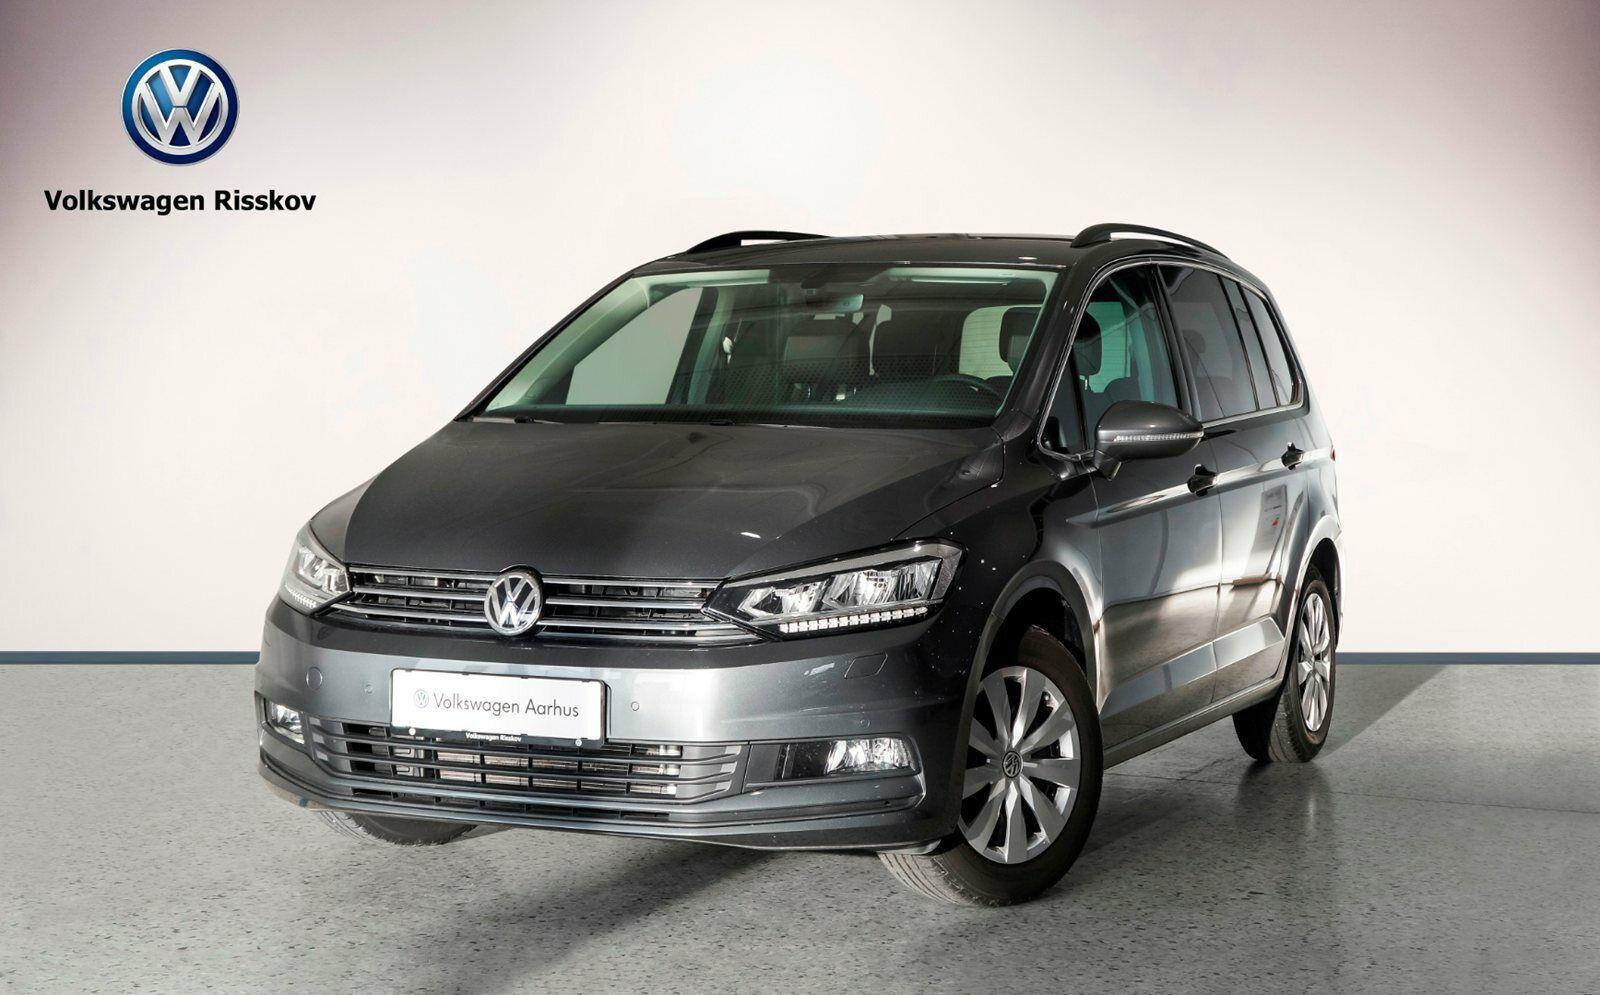 VW Touran 1,4 TSi 150 Comfortline DSG BMT 7p 5d - 339.500 kr.